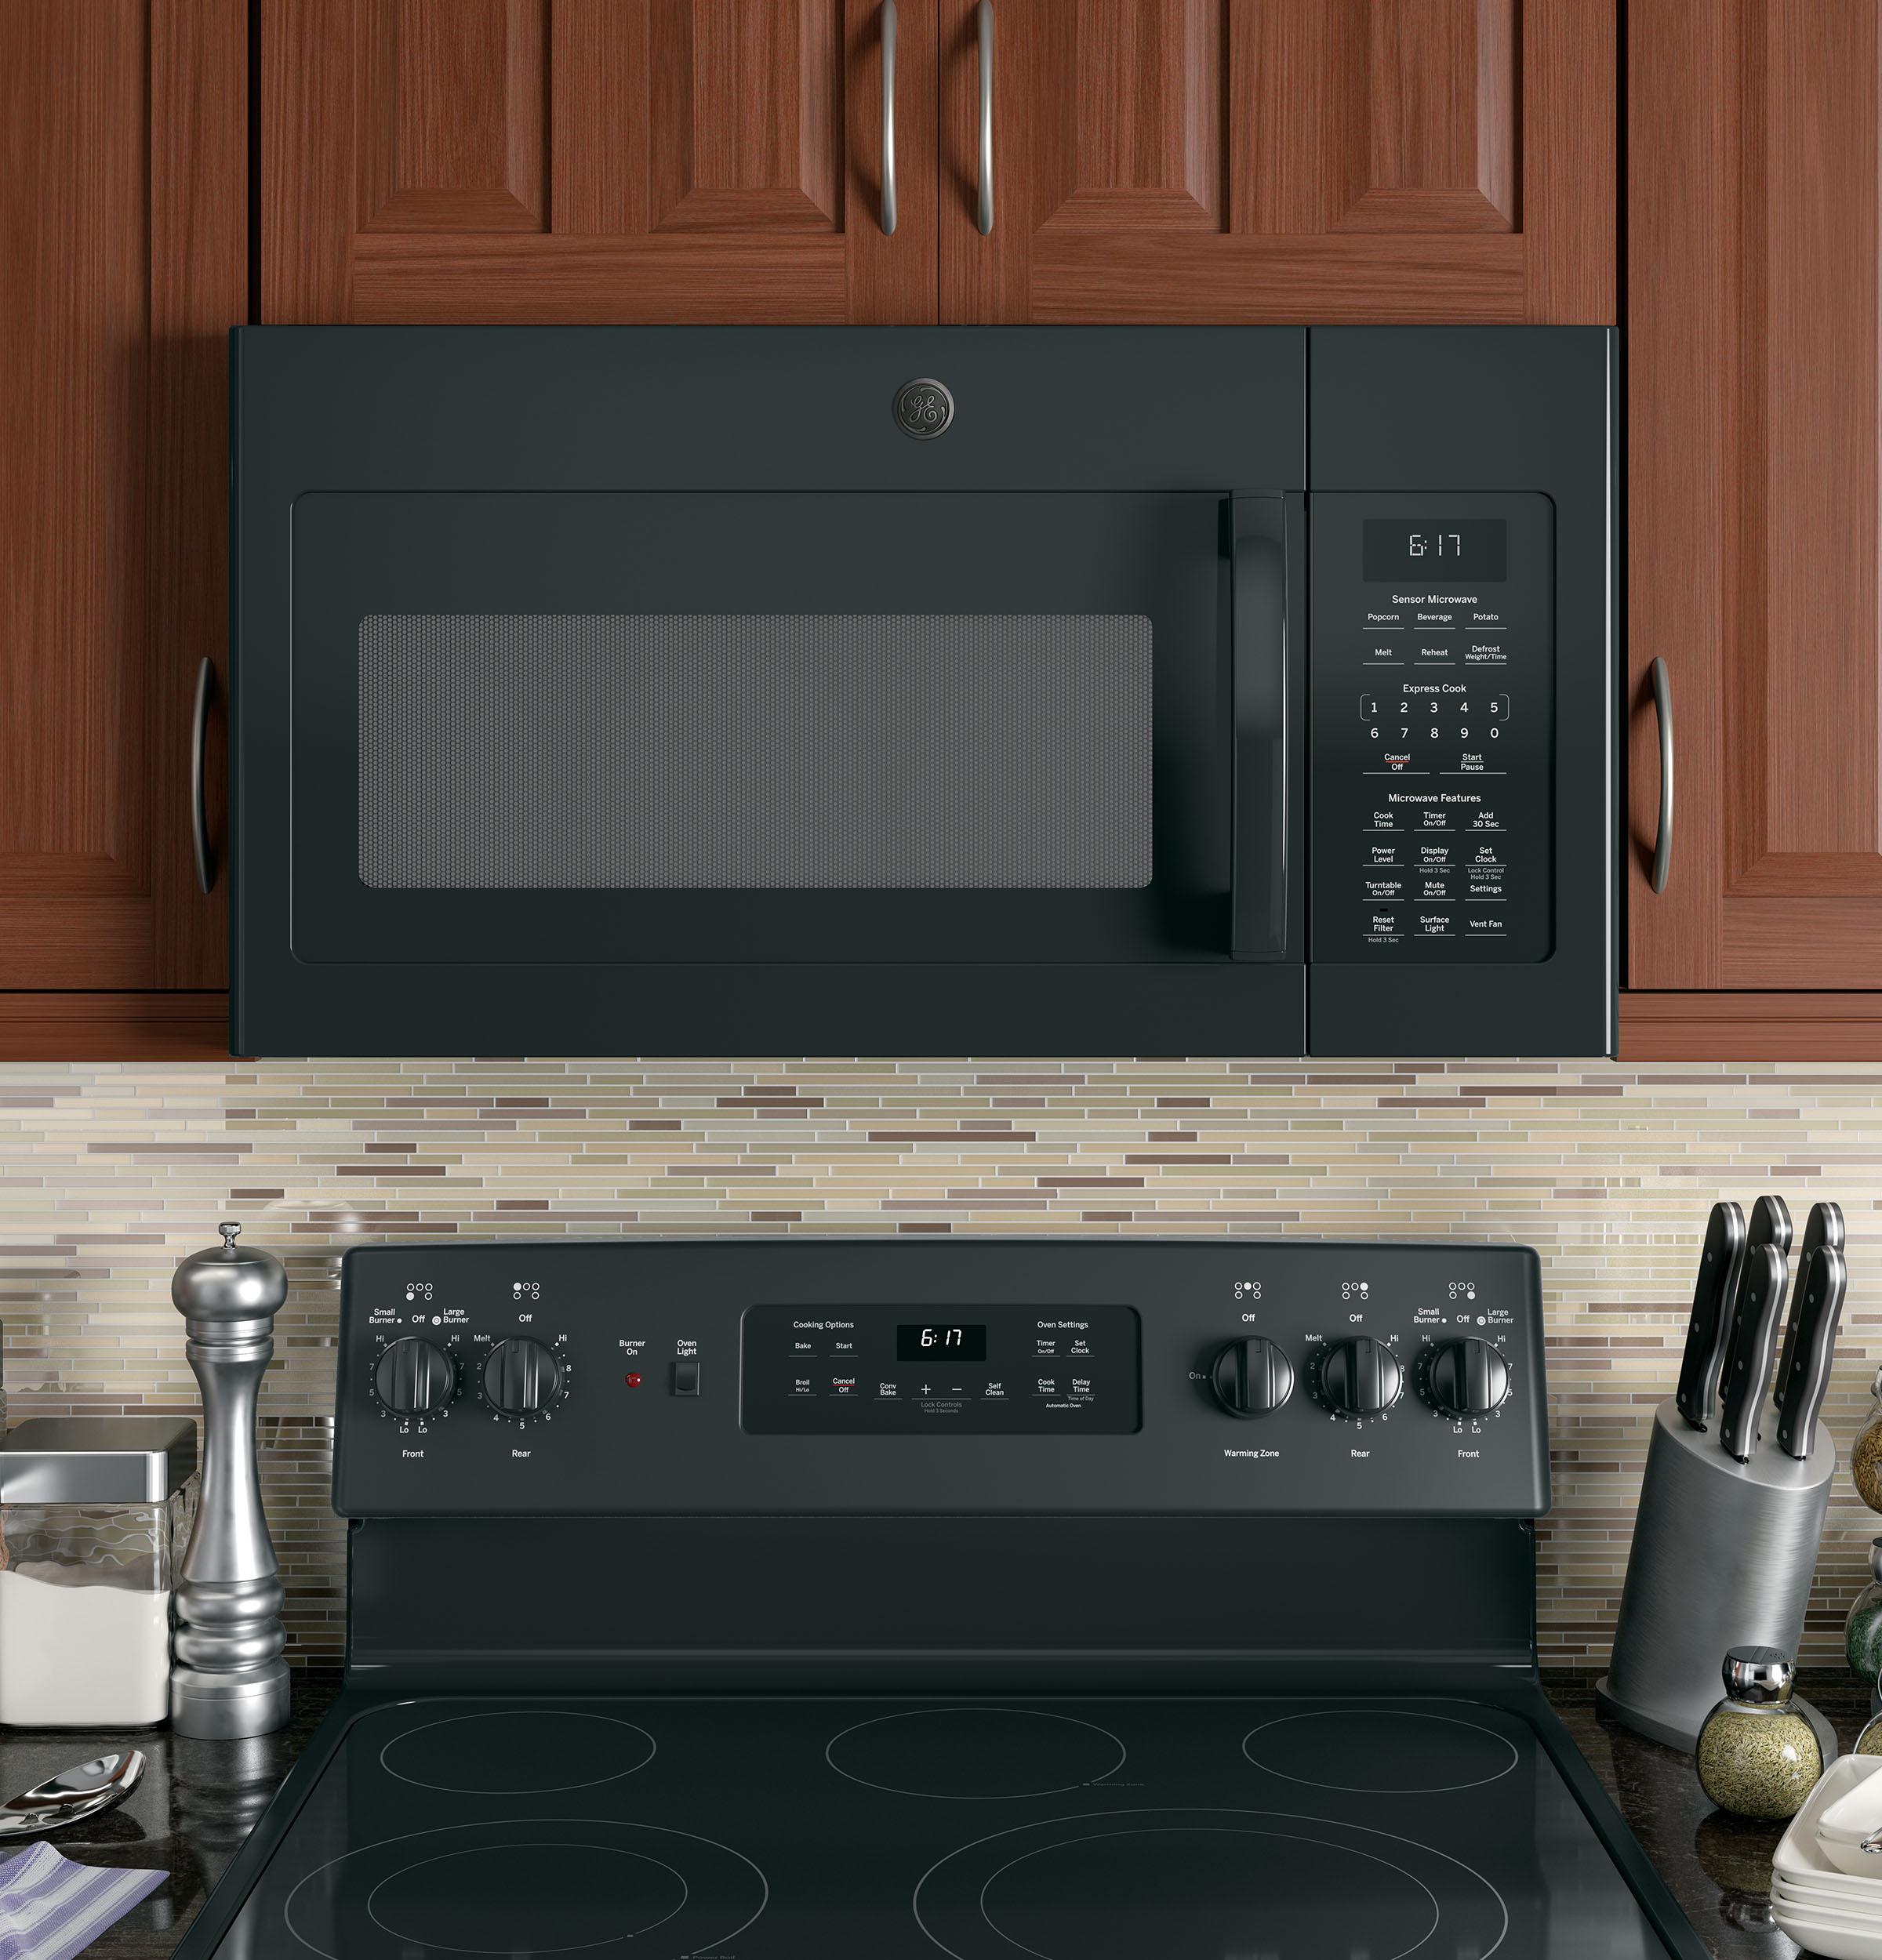 Model: JVM6175DKBB | GE GE® 1.7 Cu. Ft. Over-the-Range Sensor Microwave Oven